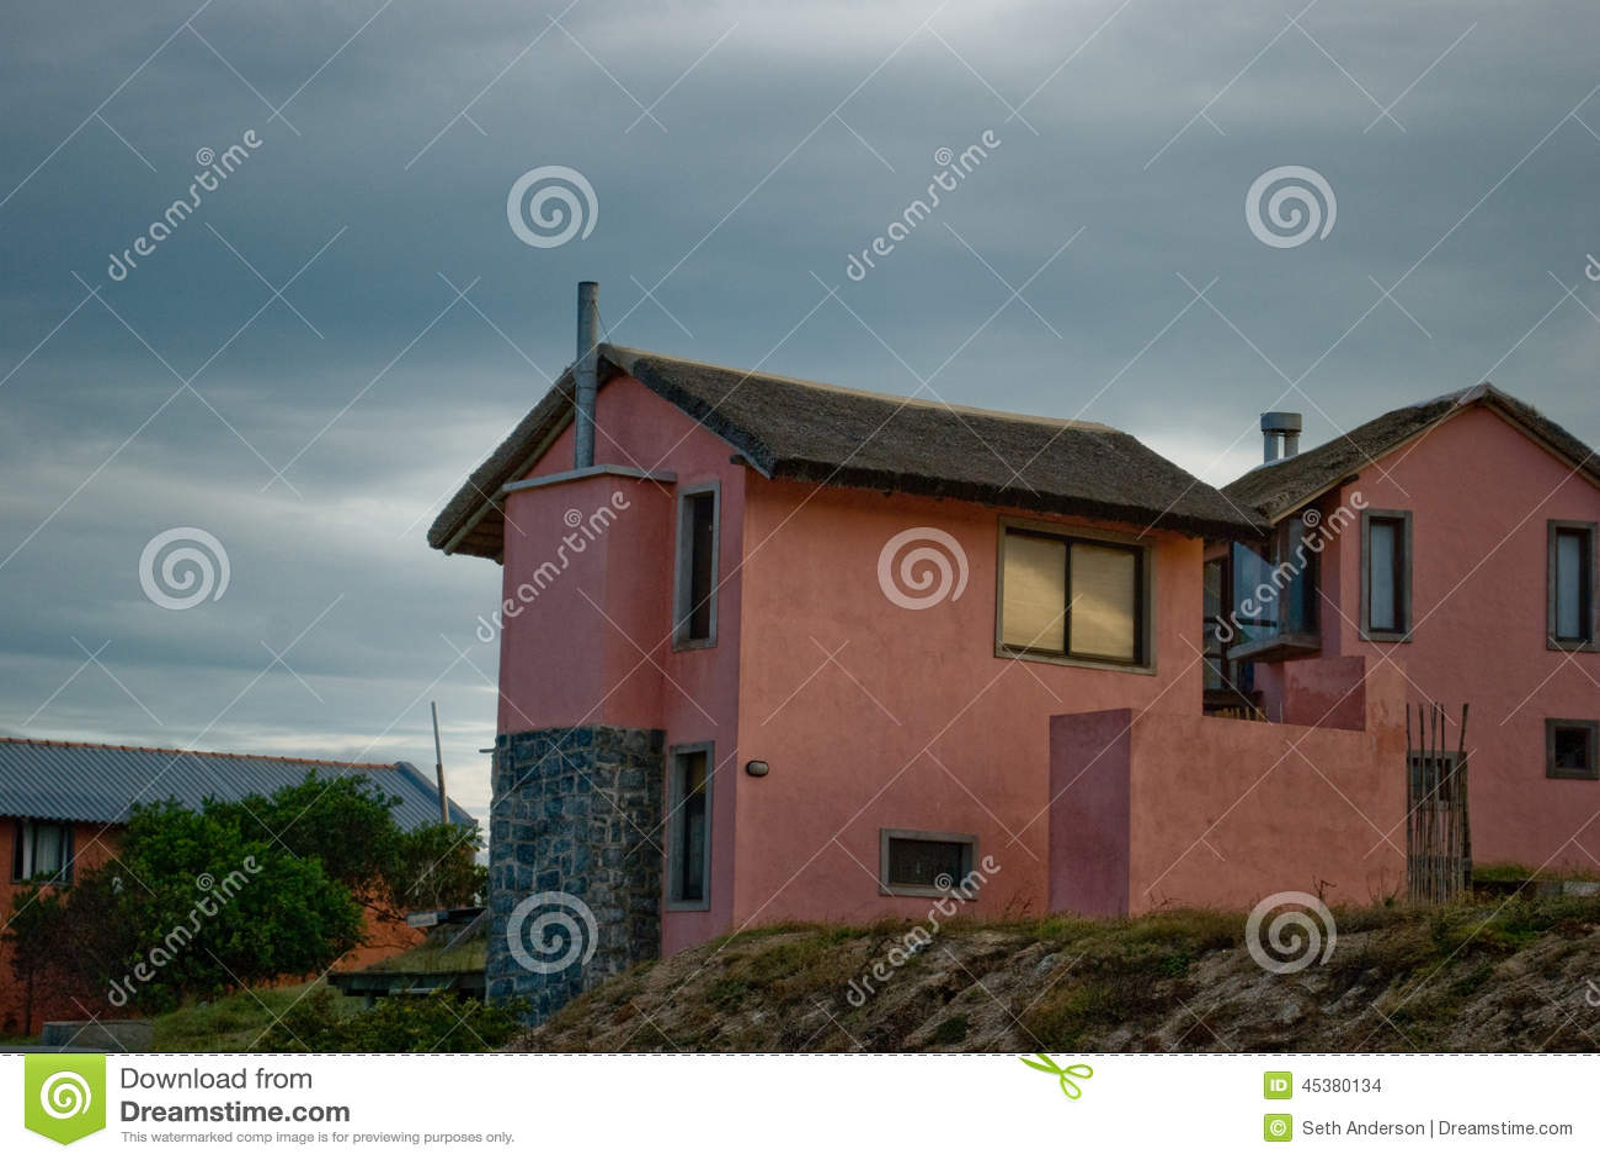 Kustplattelandshuisje met Met stro bedekt Grasdak